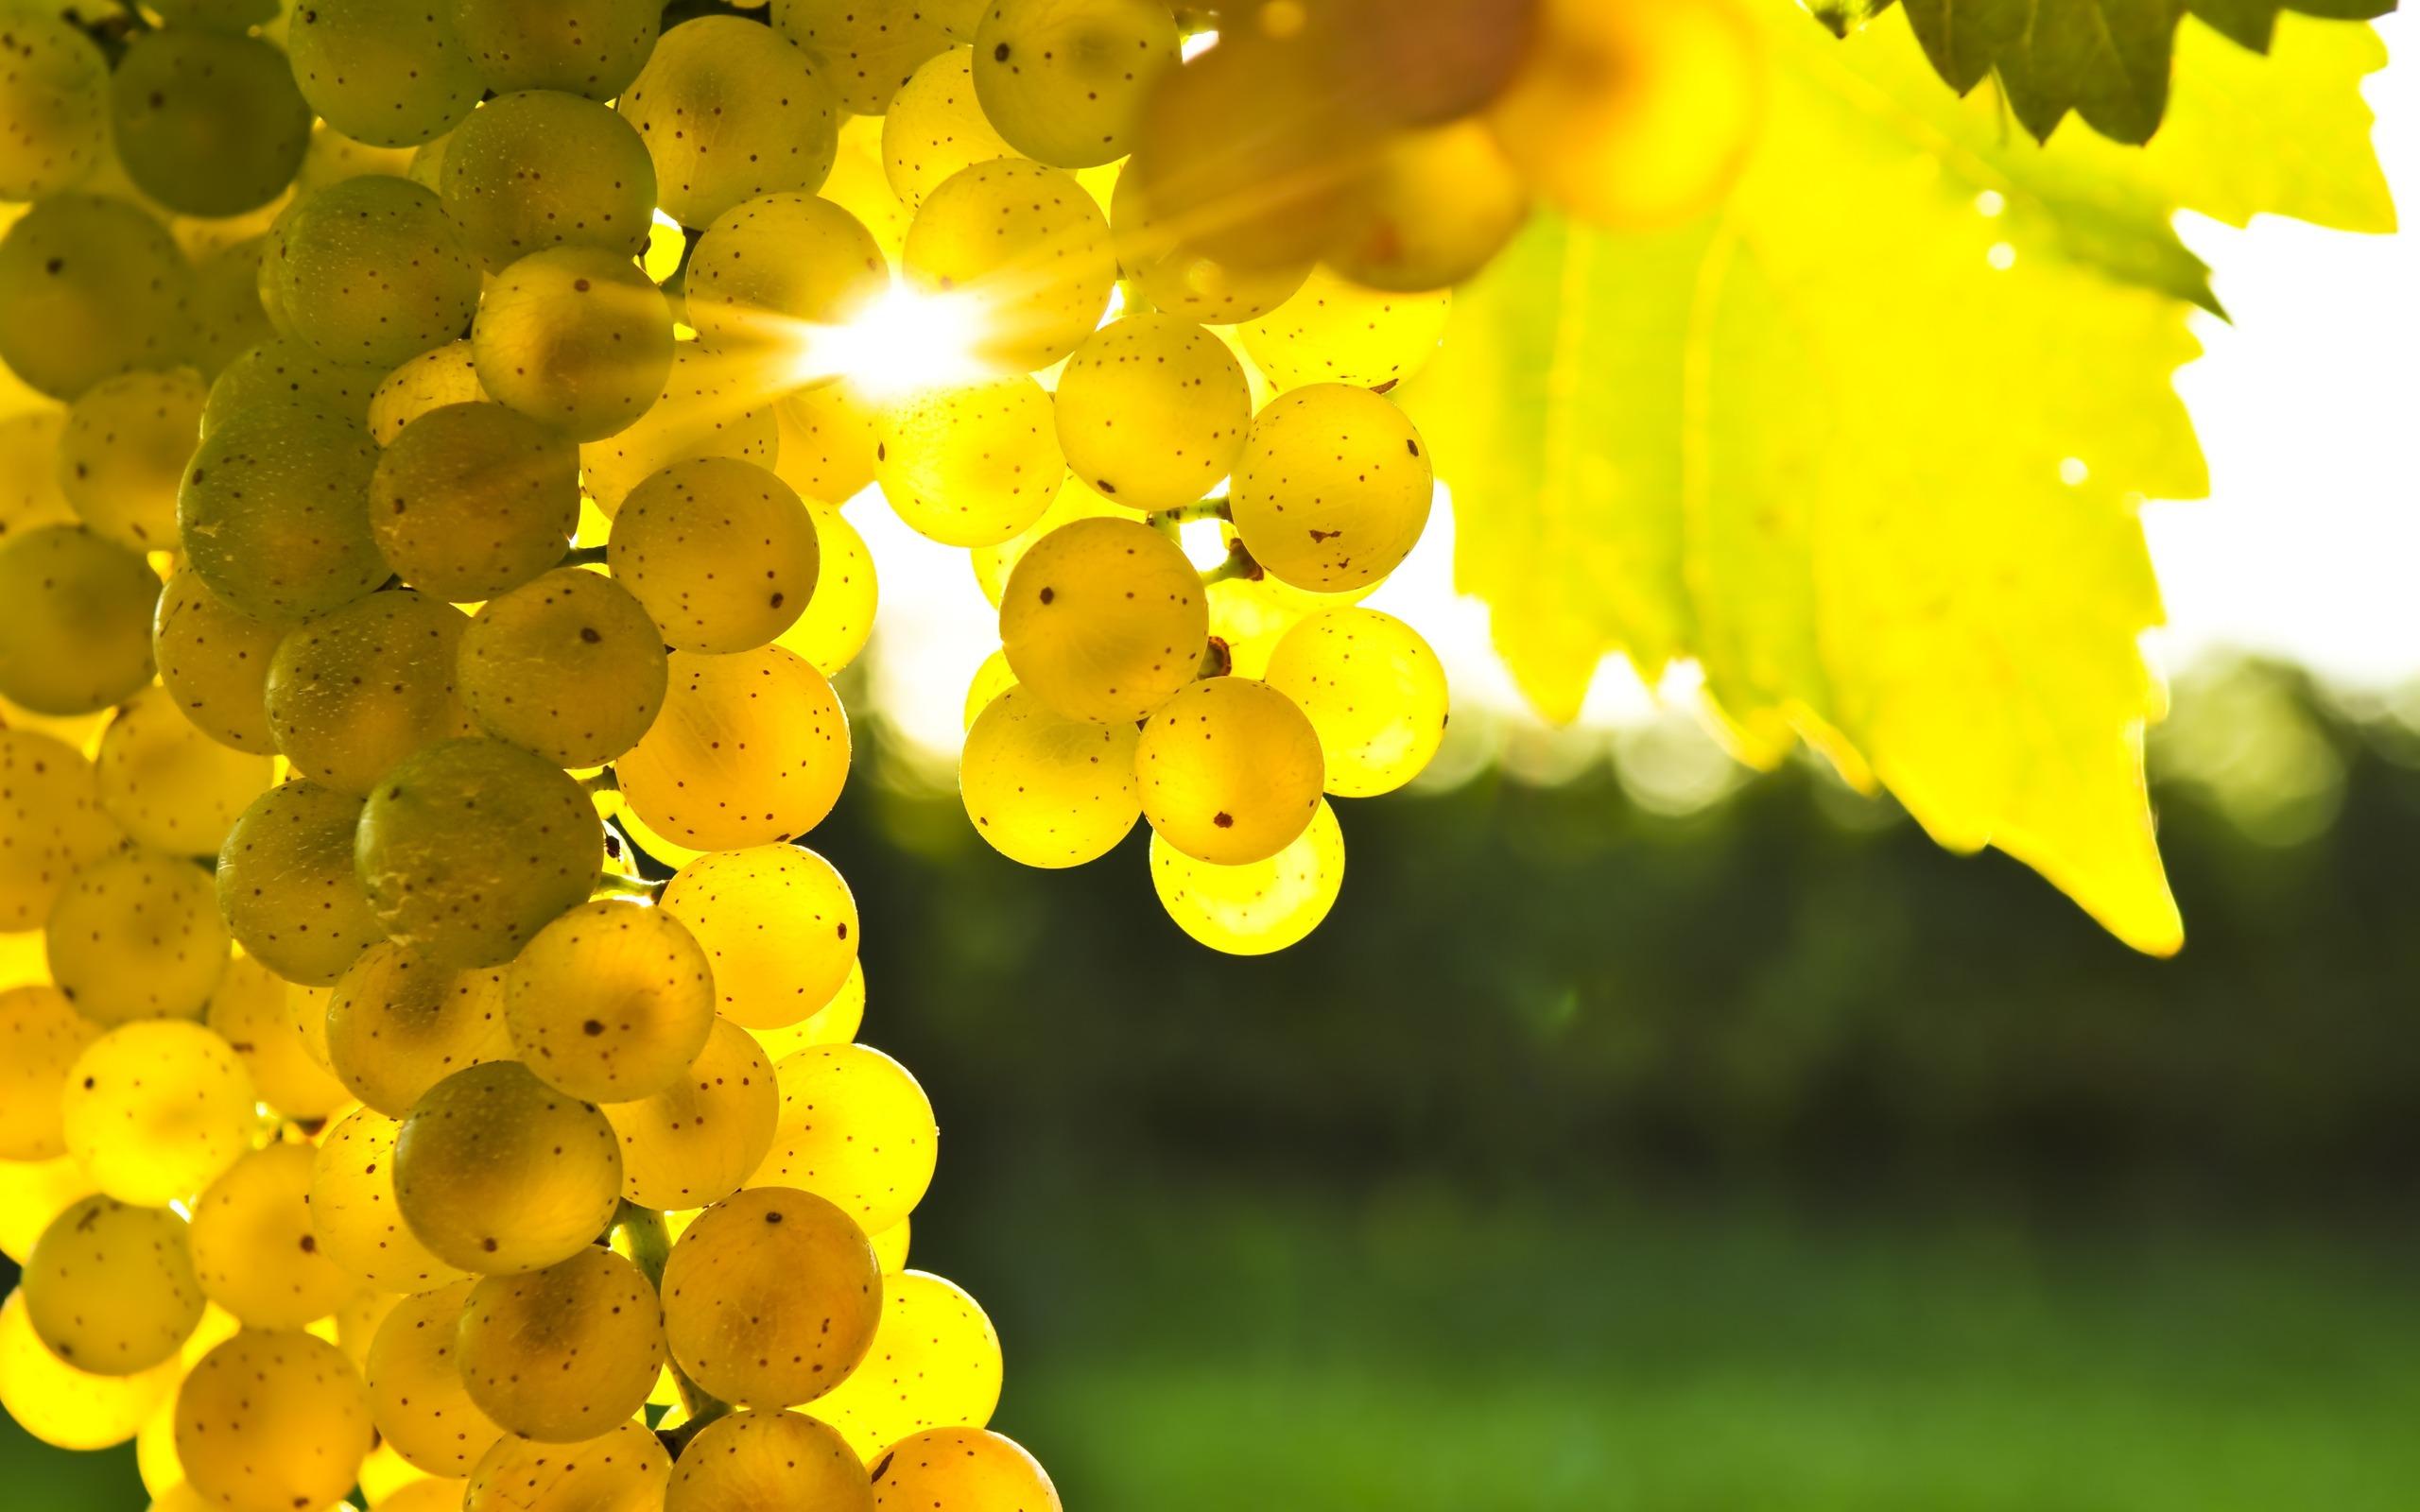 grapes wallpaper 20454